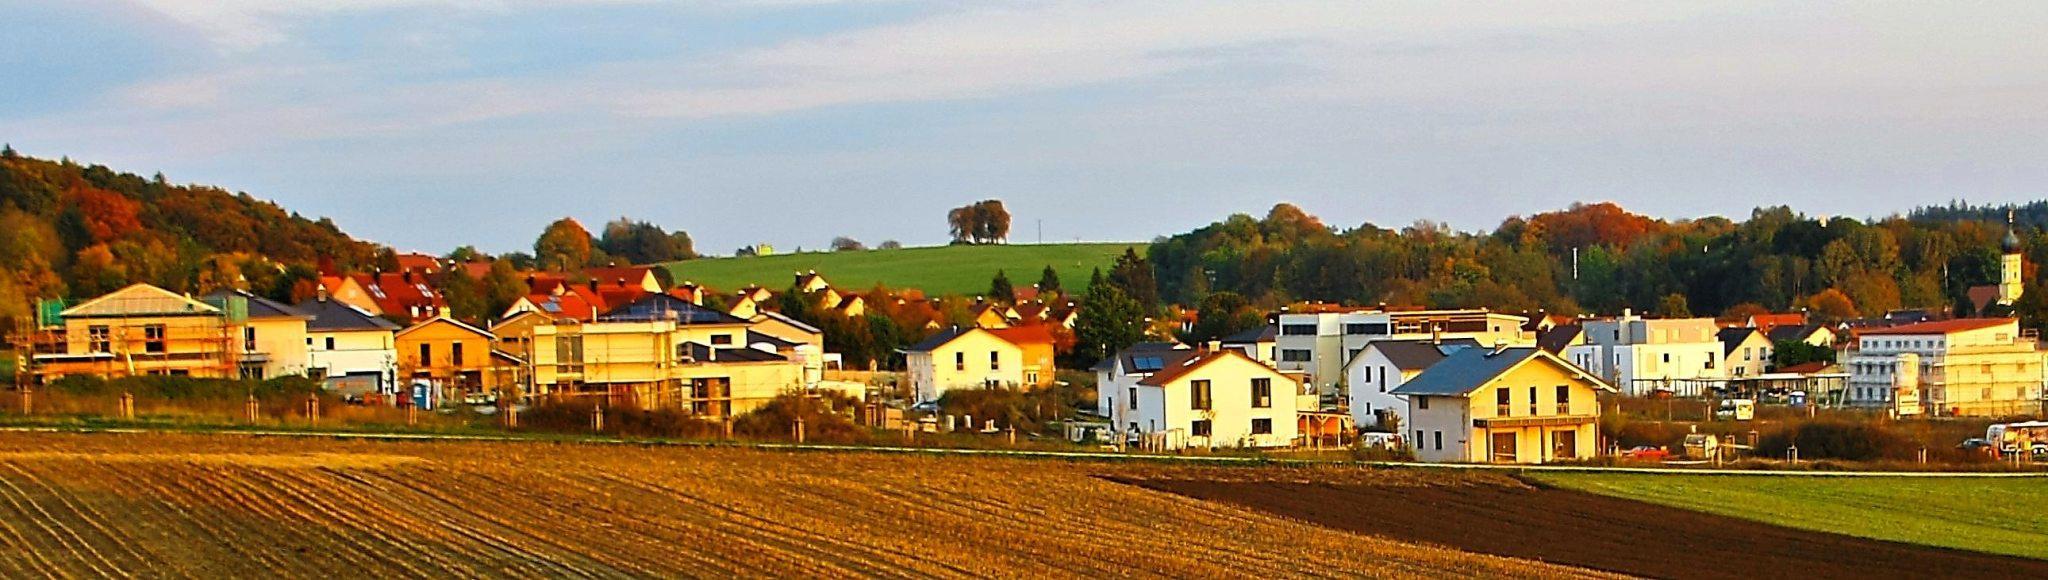 Stetiges Wachstum: Das Neubaugebiet Hülläcker im Ortsteil Unterhausen ist bei jungen Familien beliebt. Fotos: Hamp